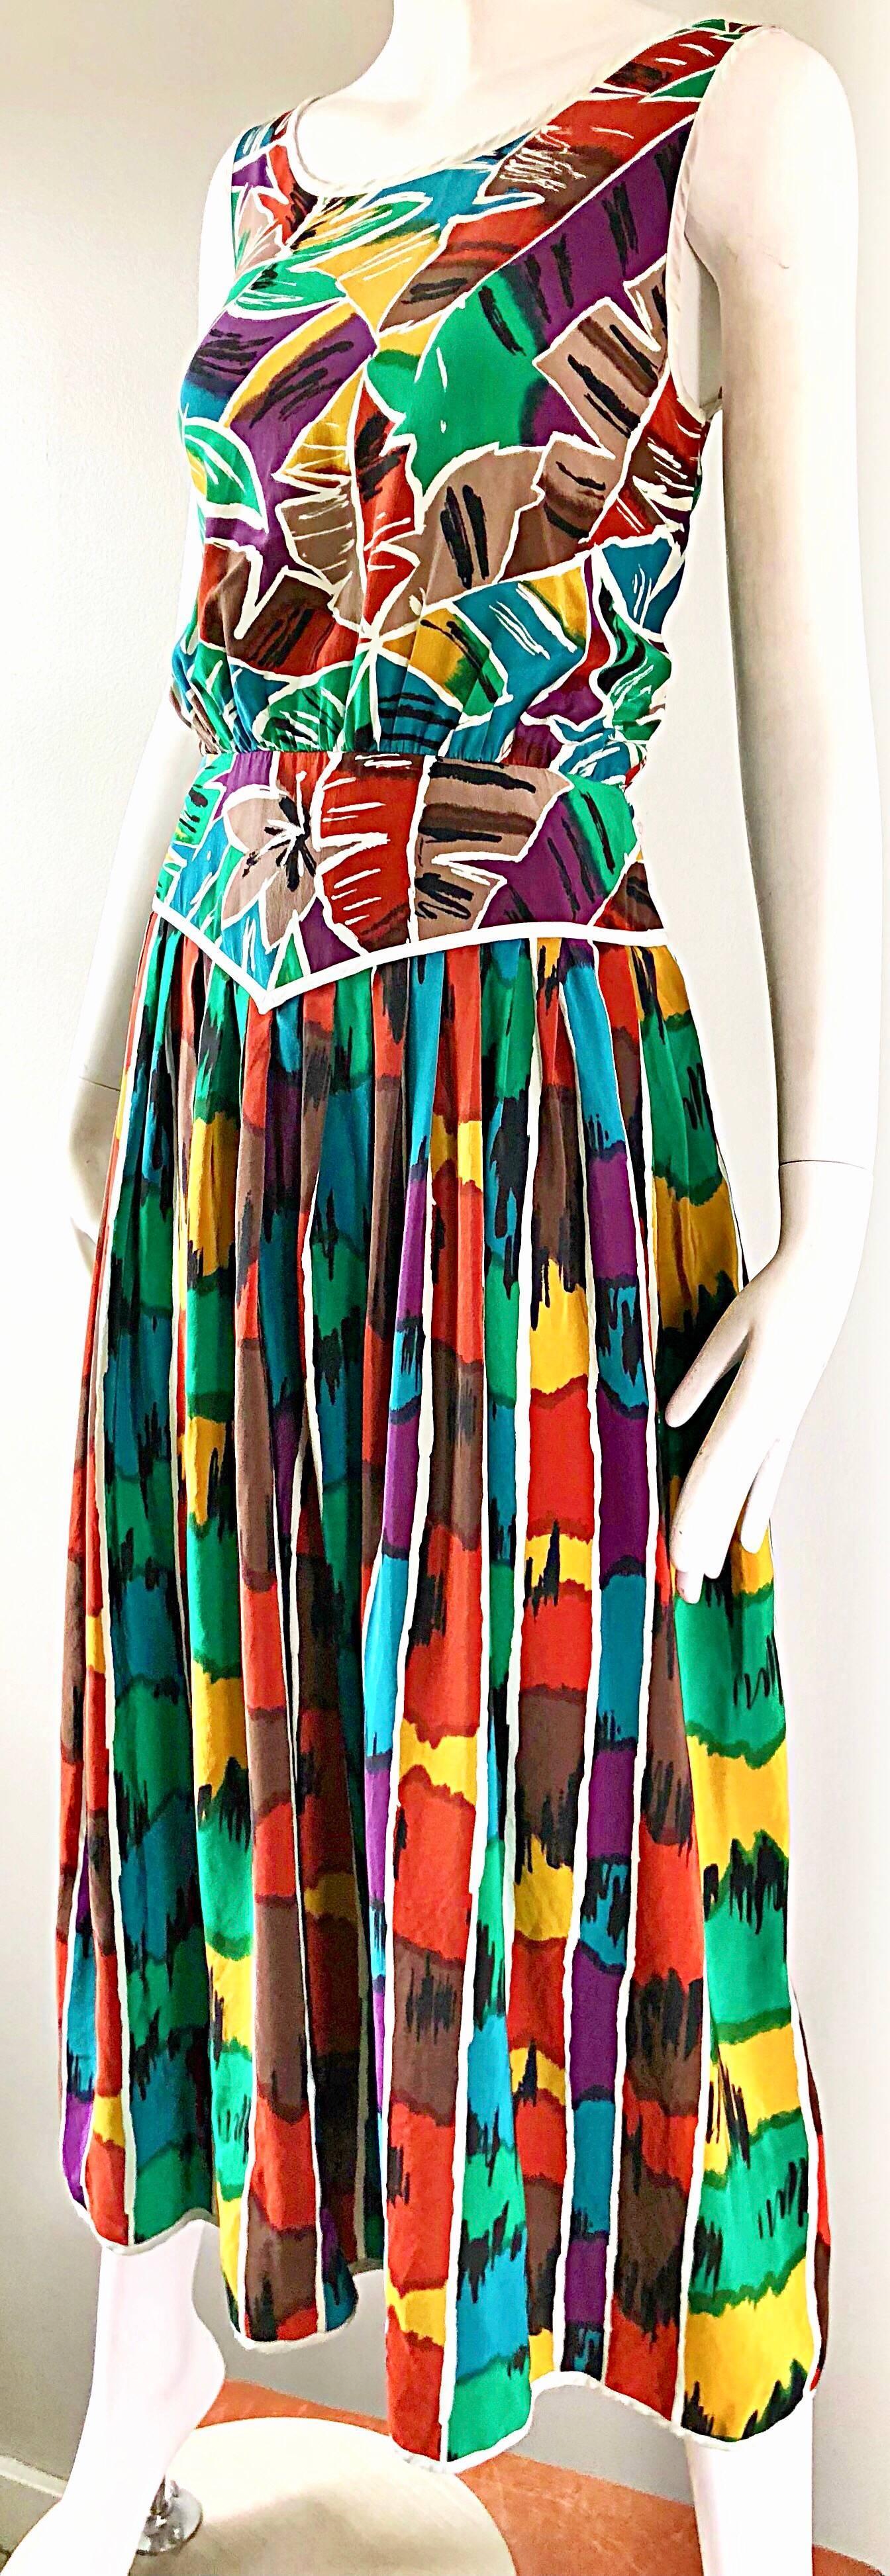 Kaleidoscope White City Shorts Size 12 BNWT